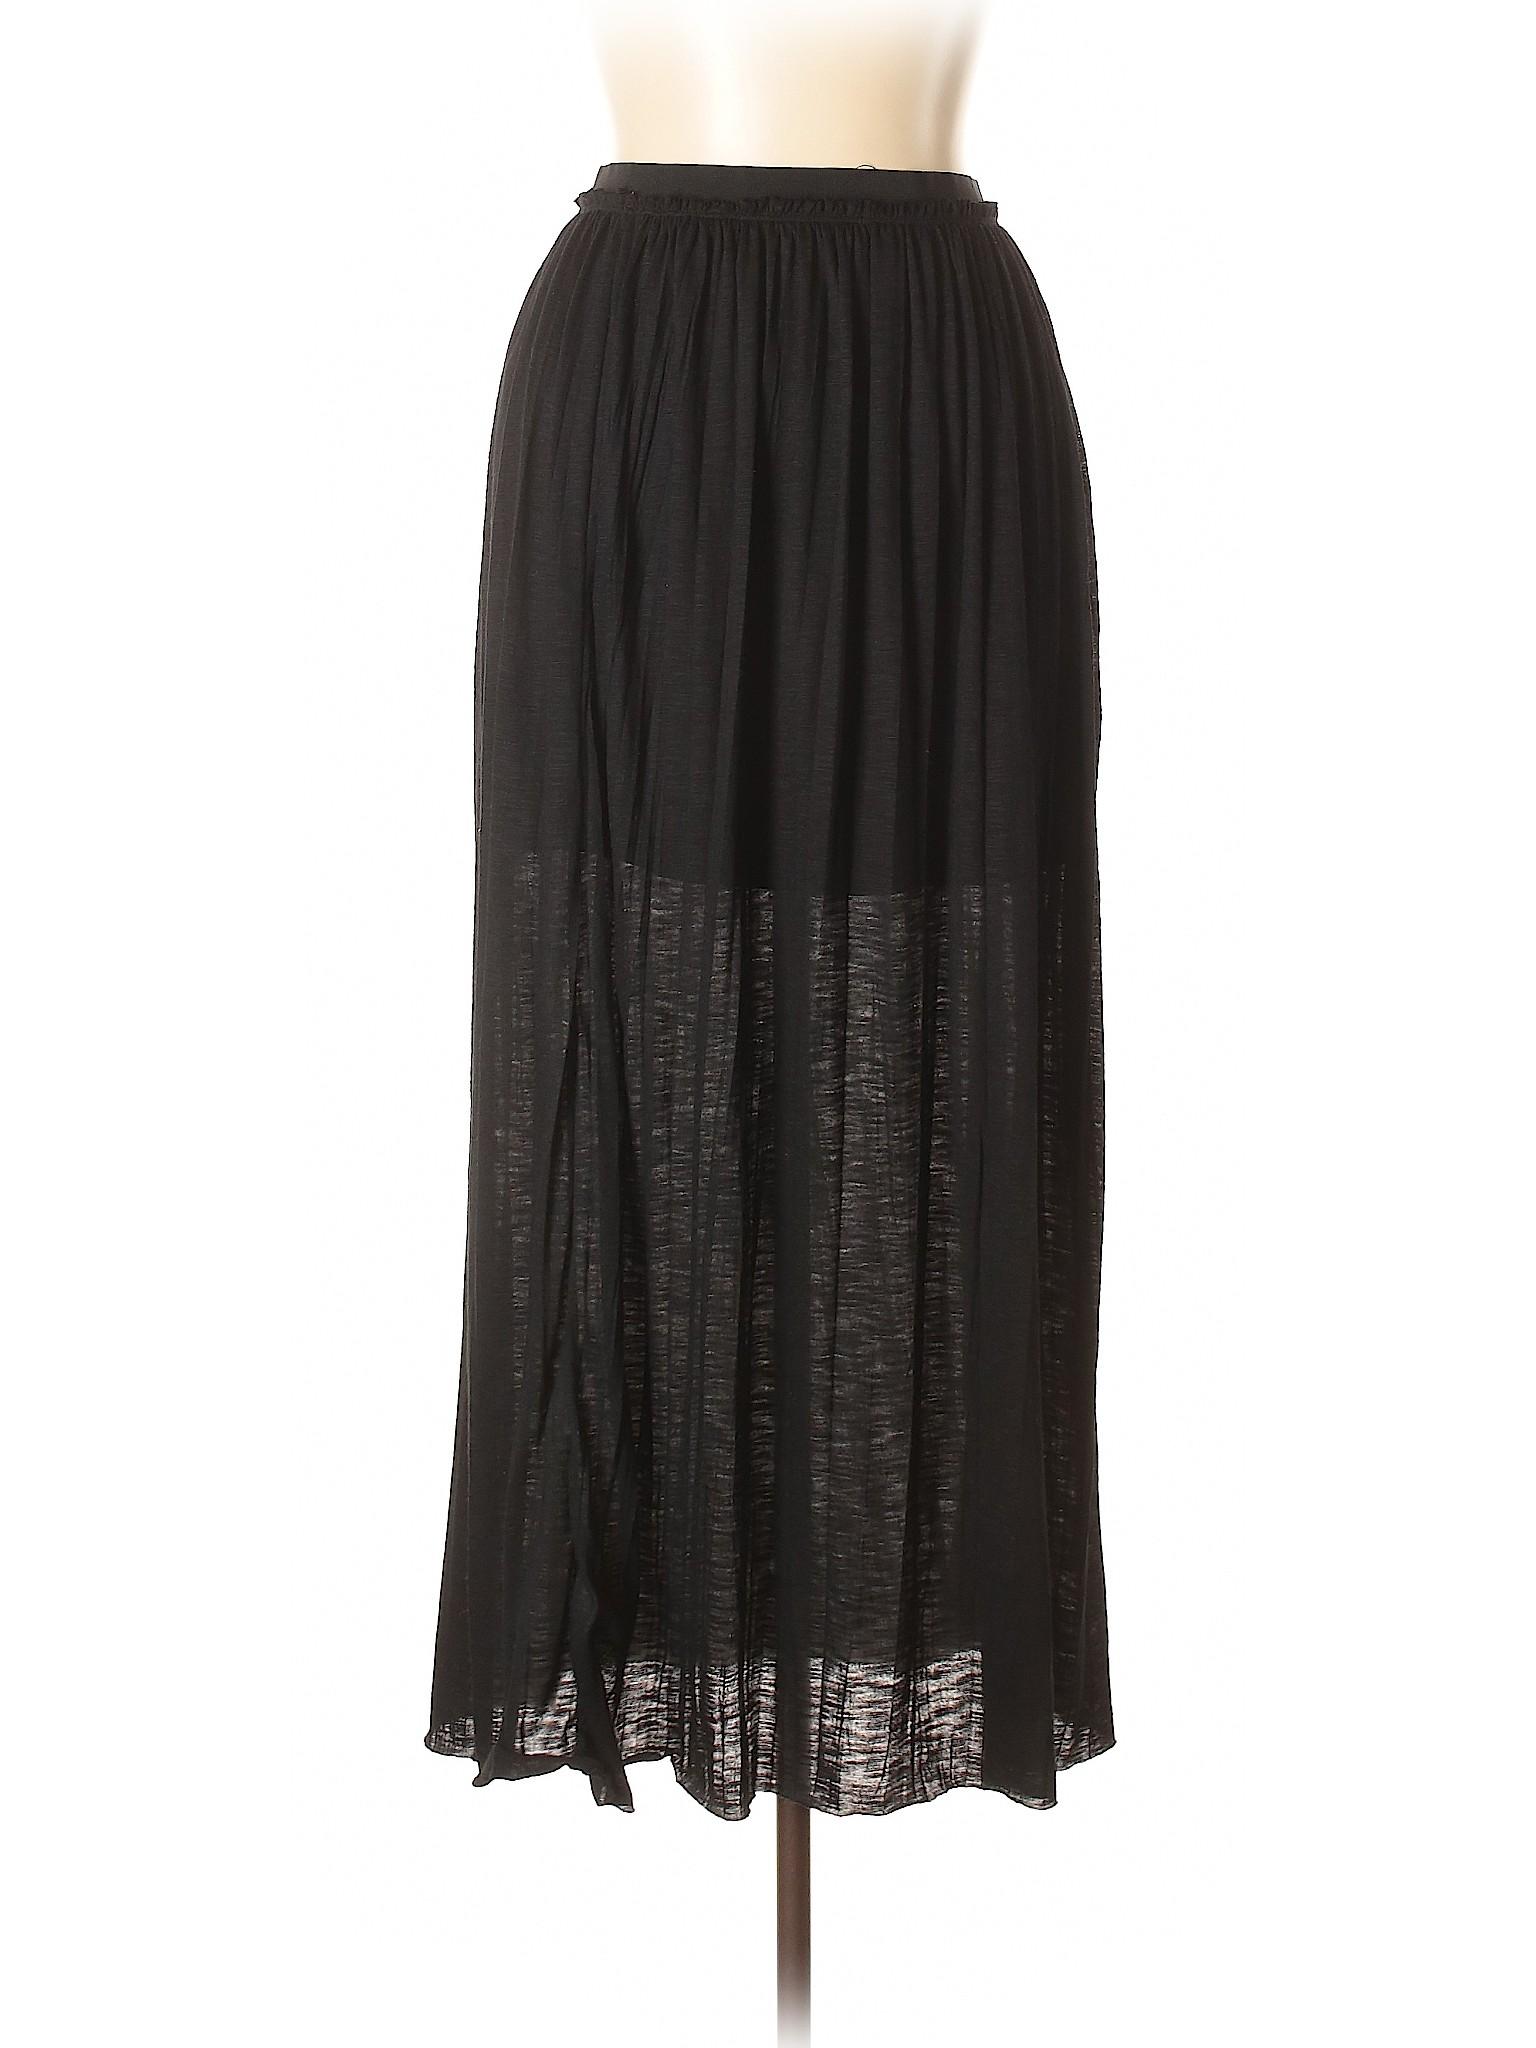 Skirt Casual Boutique Skirt Casual Casual Casual Boutique Boutique Casual Skirt Skirt Boutique Boutique xATqntwHBS